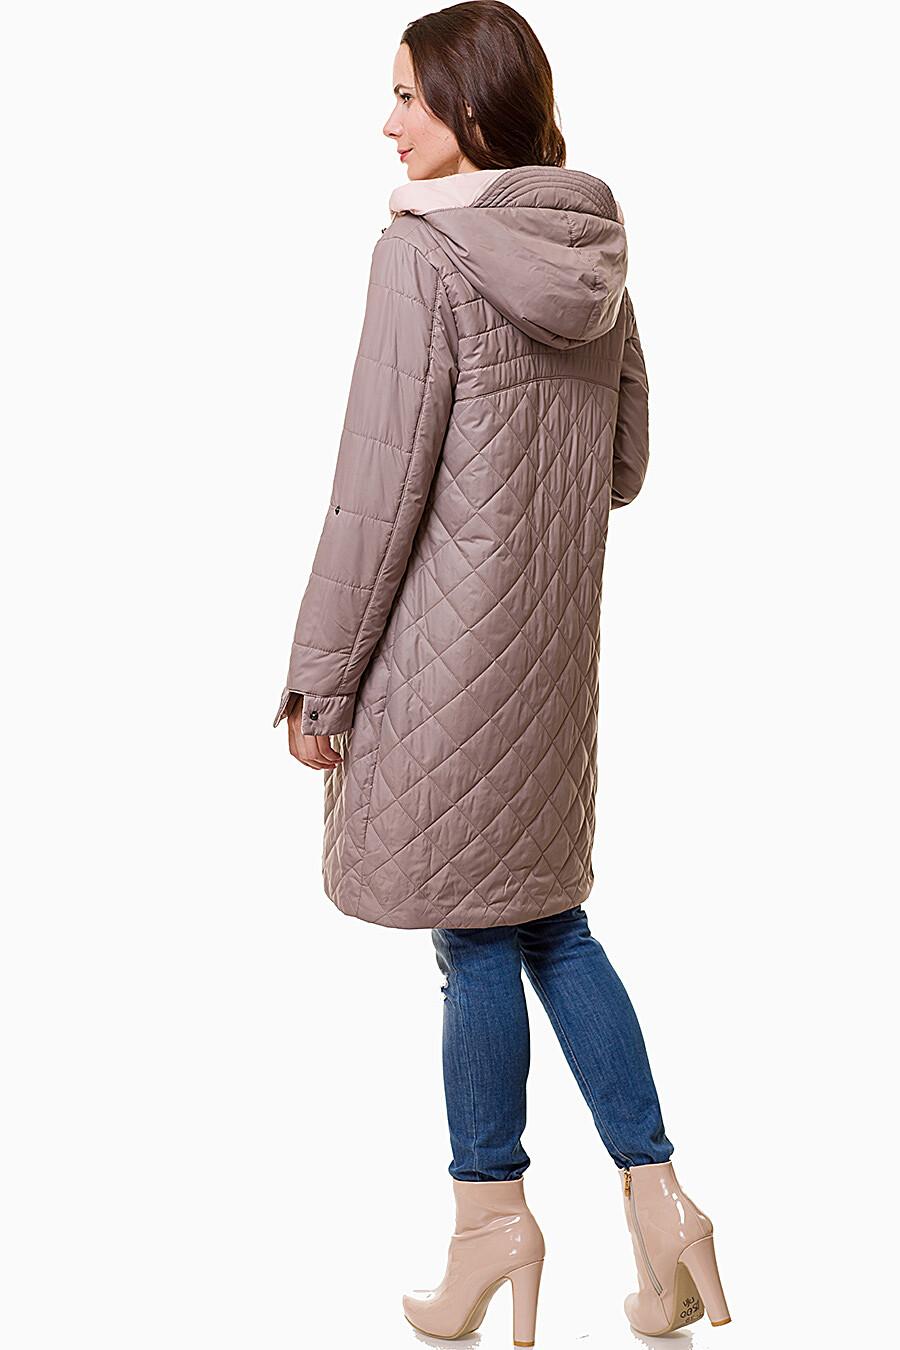 Плащ DIWAY (110896), купить в Moyo.moda